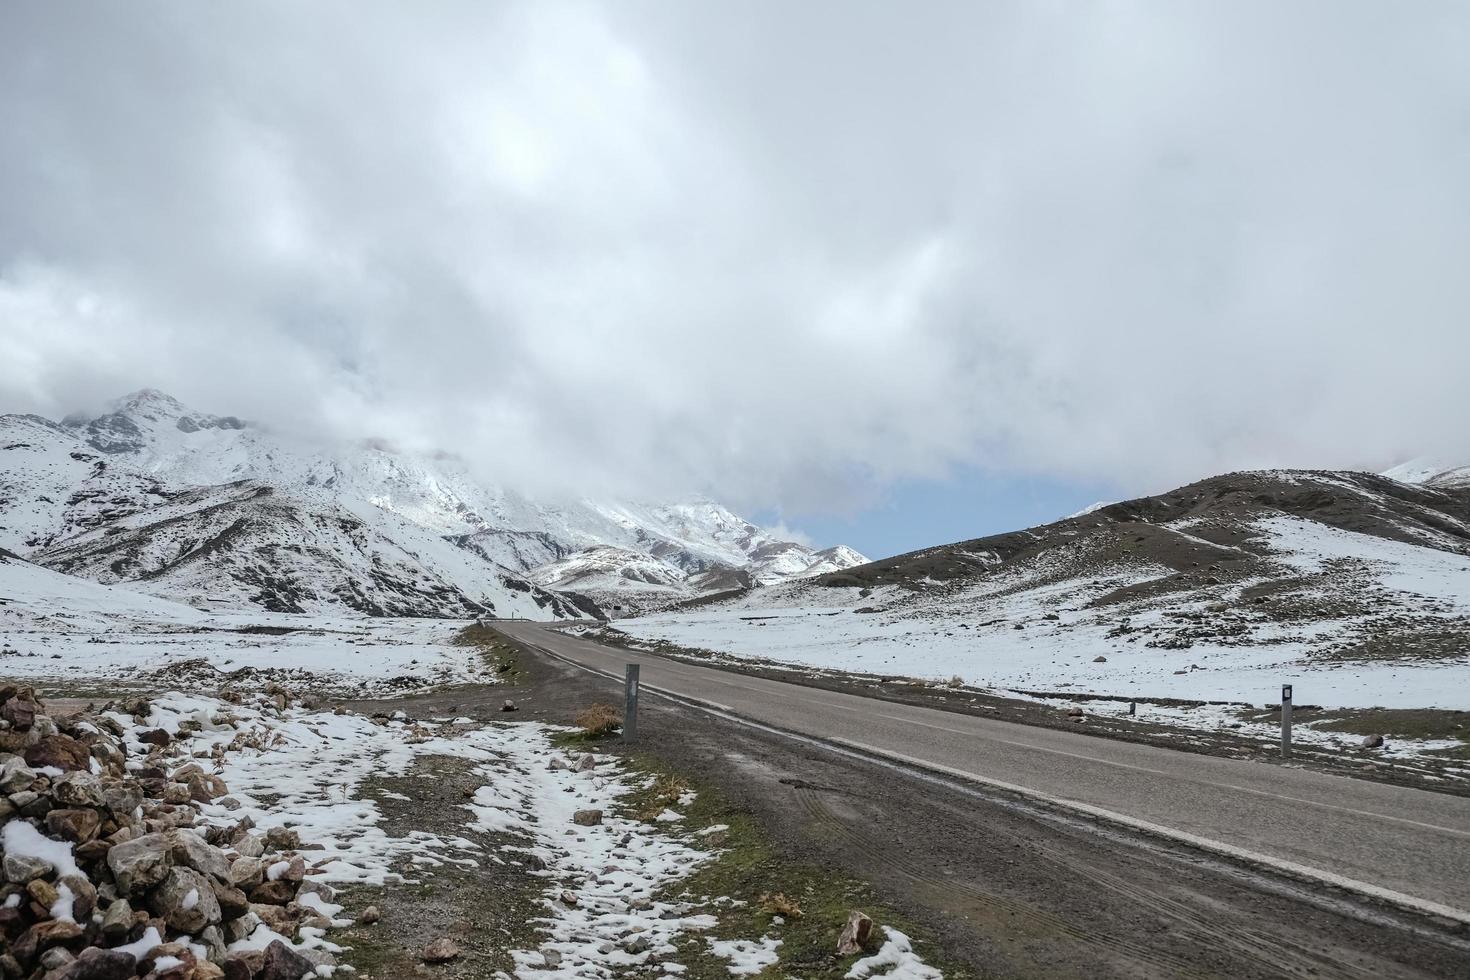 een lege verharde weg omgeven door met sneeuw bedekte bergen met bewolkte hemel in de hoge atlas bereik. Marokko. foto